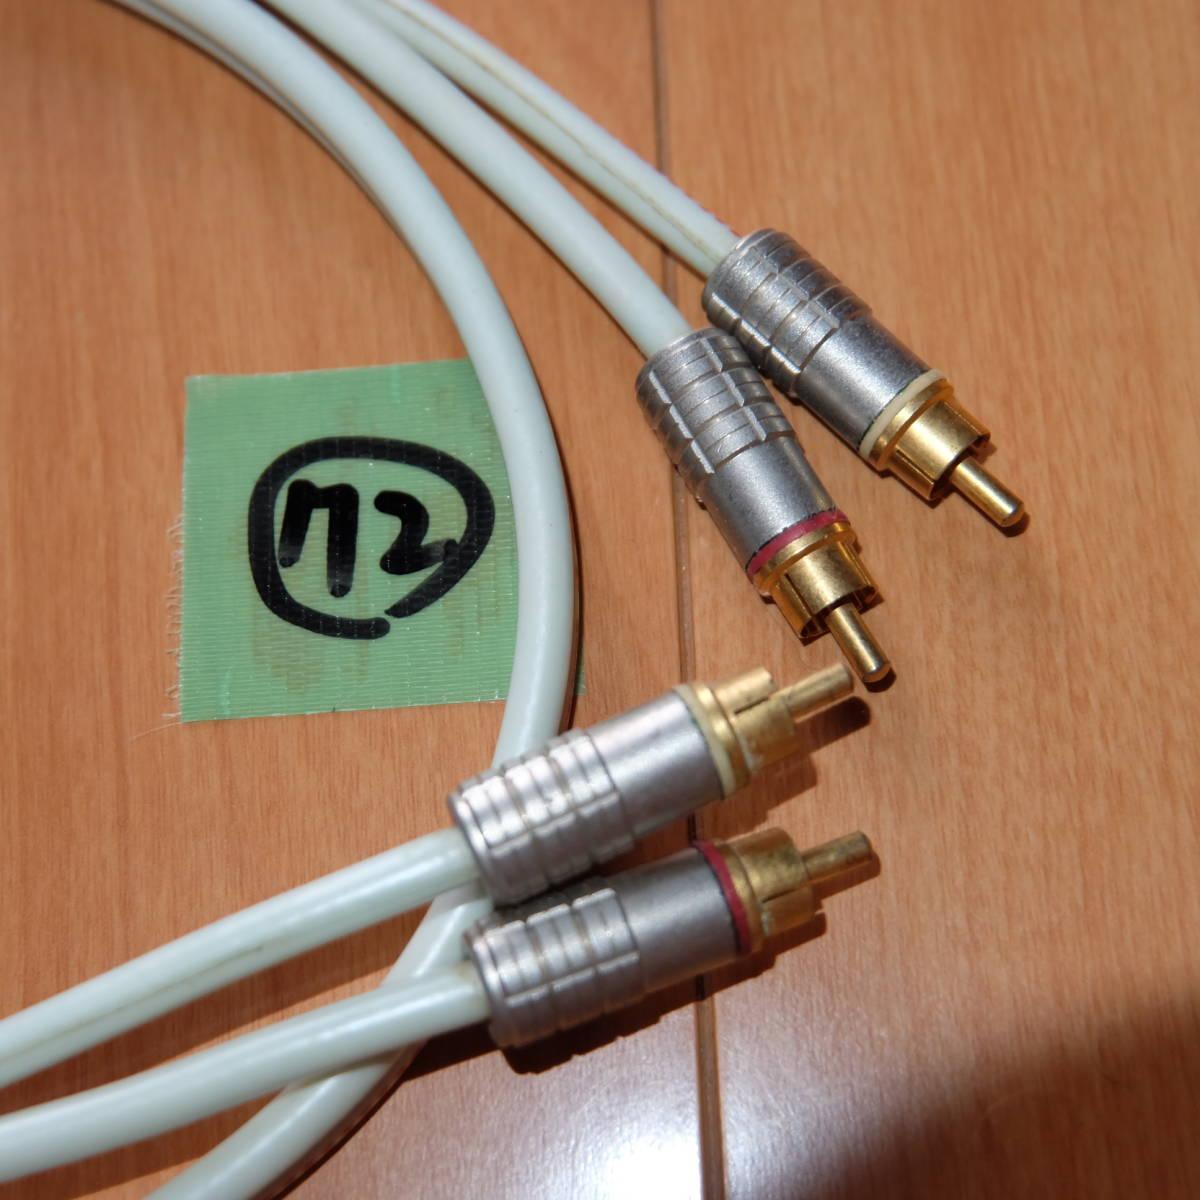 送料180円~ audio-technica オーディオテクニカ audio cable rcaケーブル ピンプラグ 1m 100cm PCOCC CERAMICS セラミックス 72_画像3